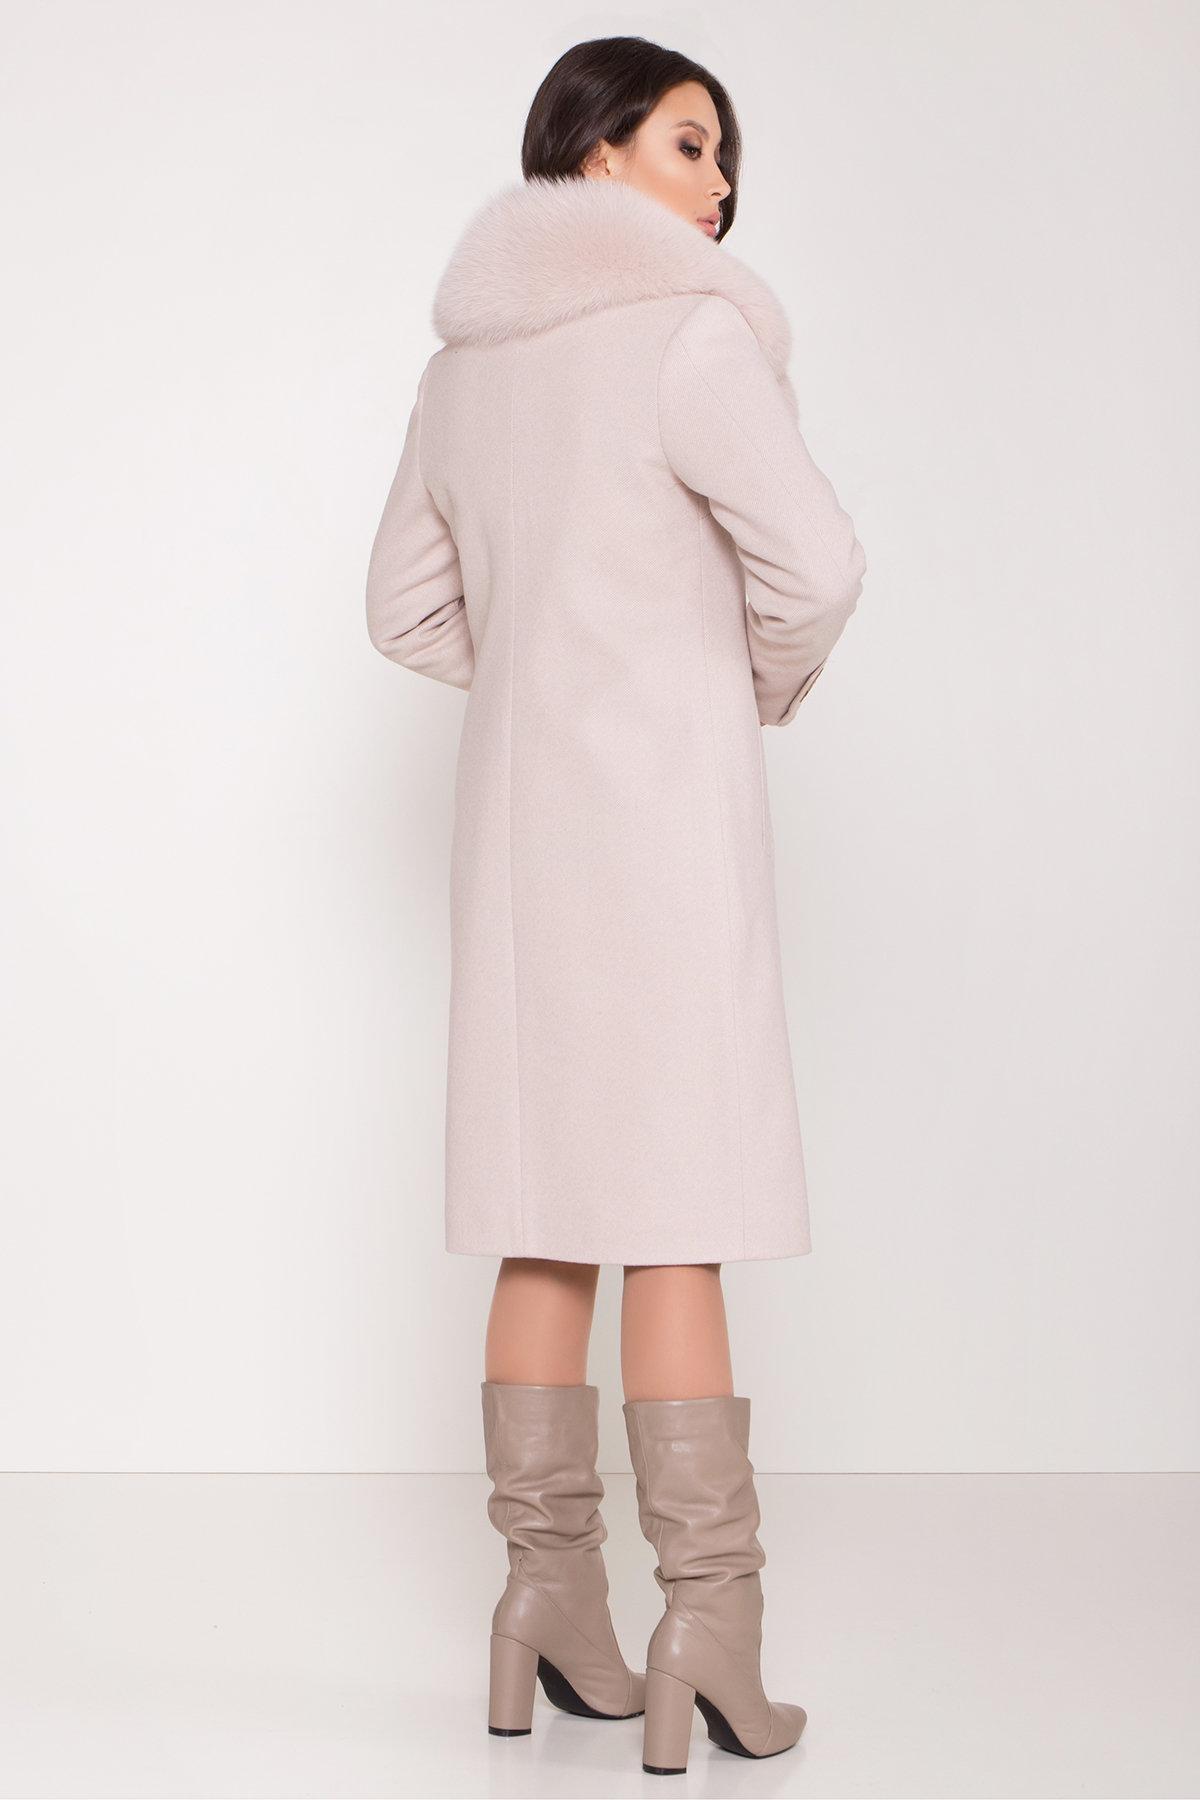 Зимнее пальто с поясом Реджи 8311 Цвет: Бежевый Светлый 5